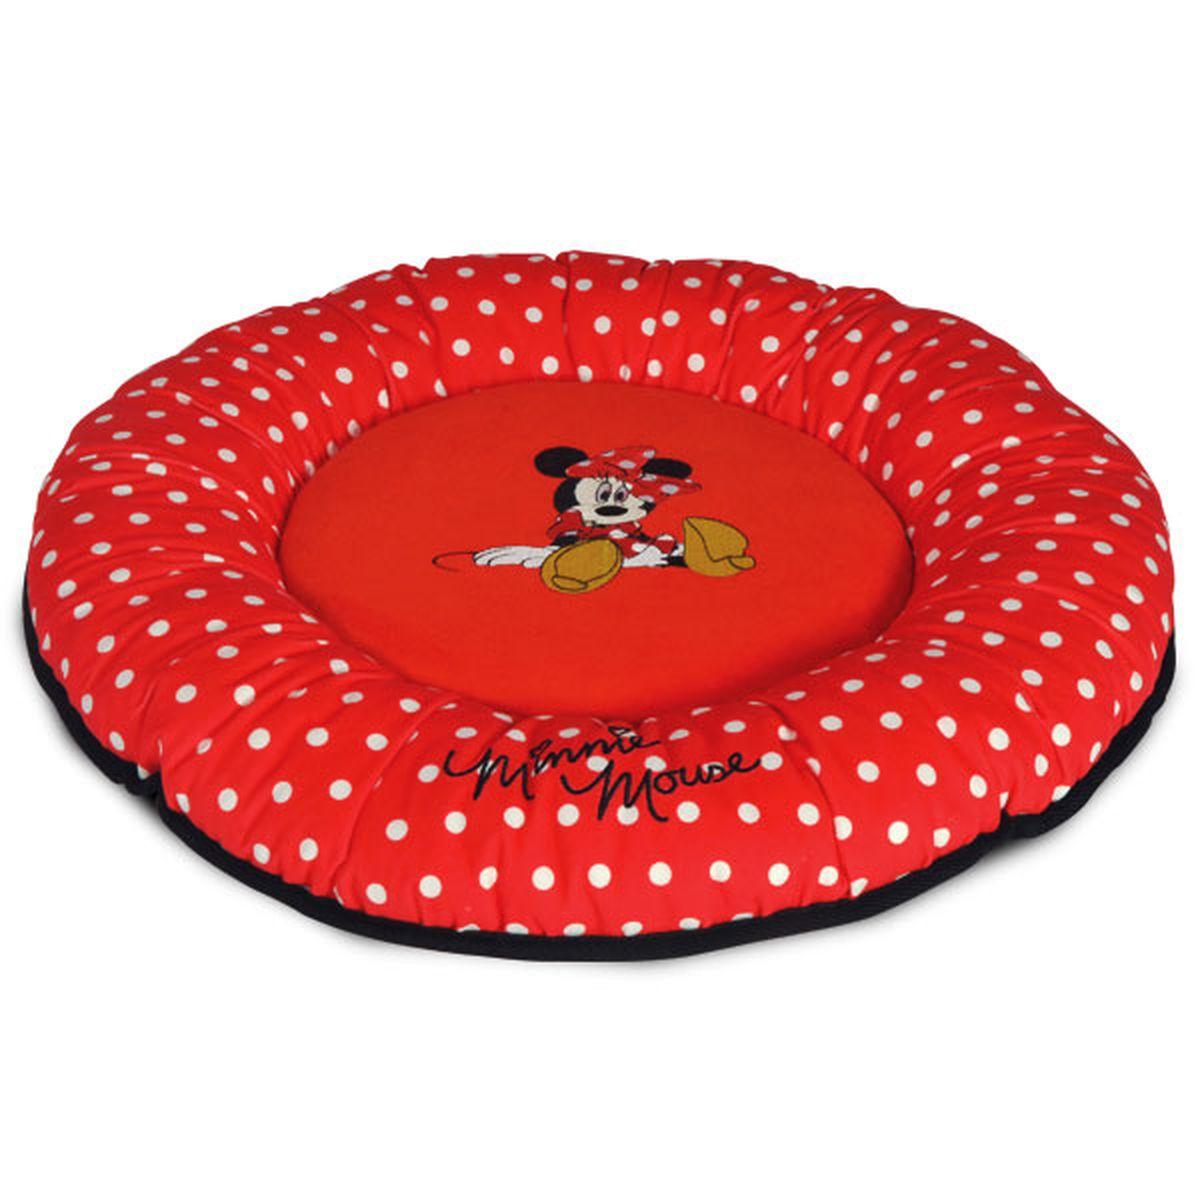 Лежанка Triol Disney Minnie-2, 50 х 50 х 7 см10012041Лежанка из мягкого велюра с изображением известного персонажа DISNEY Minnie. Яркая и нарядная, модная во все времена ткань в горошек. Дно выполнено из водонепроницаемой ткани черного цвета. Этот тип лежанок рекомендуется собачкам и кошкам, которые любят спать или валяться, вытянув лапы, - она не имеет высокого бортика, стесняющего свободу движения питомца. Лежанка поставляется в полипропиленовом пакете на молнии с веревочными ручками, который в дальнейшем удобно использовать для хранения. Компактная складная лежанка с покрытием из мягкого велюра с изображением известного персонажа DISNEY. Дно выполнено из водонепроницаемой ткани.